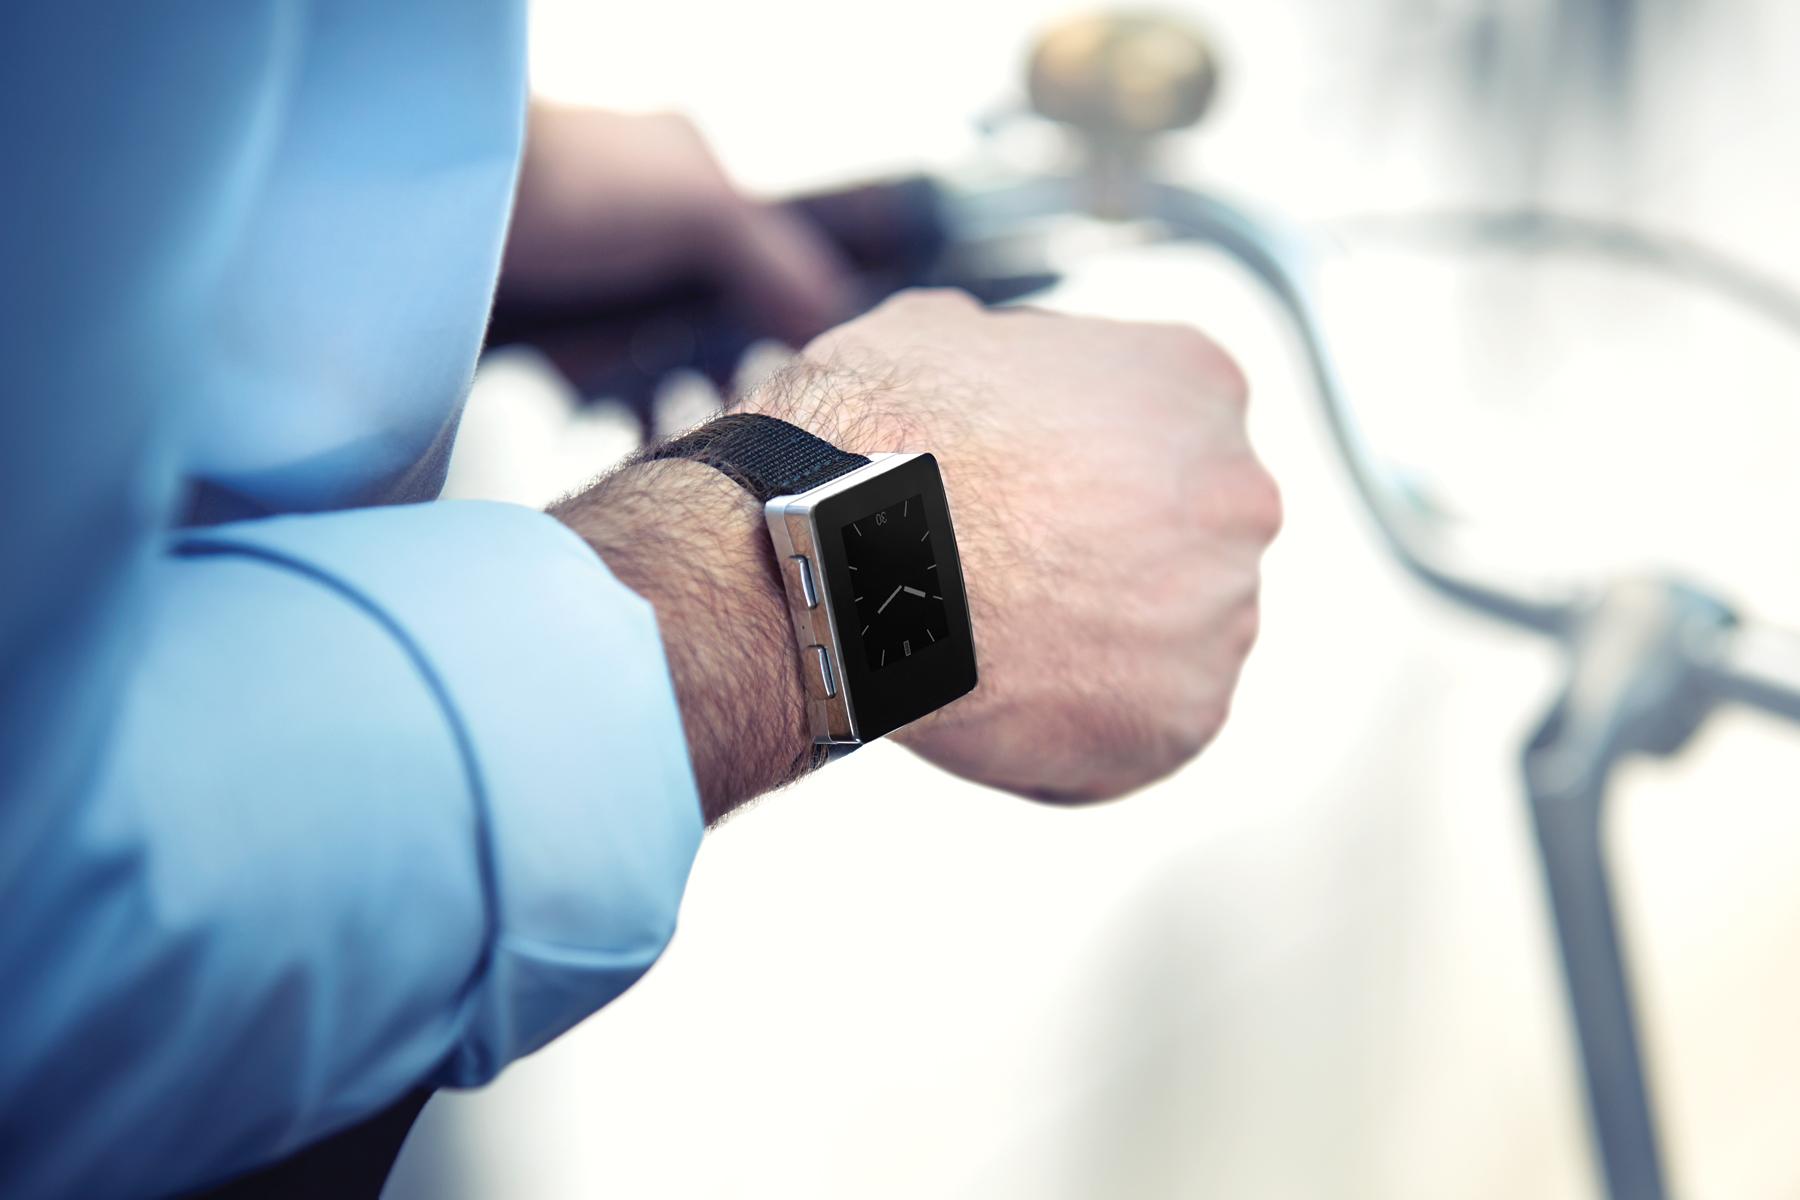 Wellograph on wrist